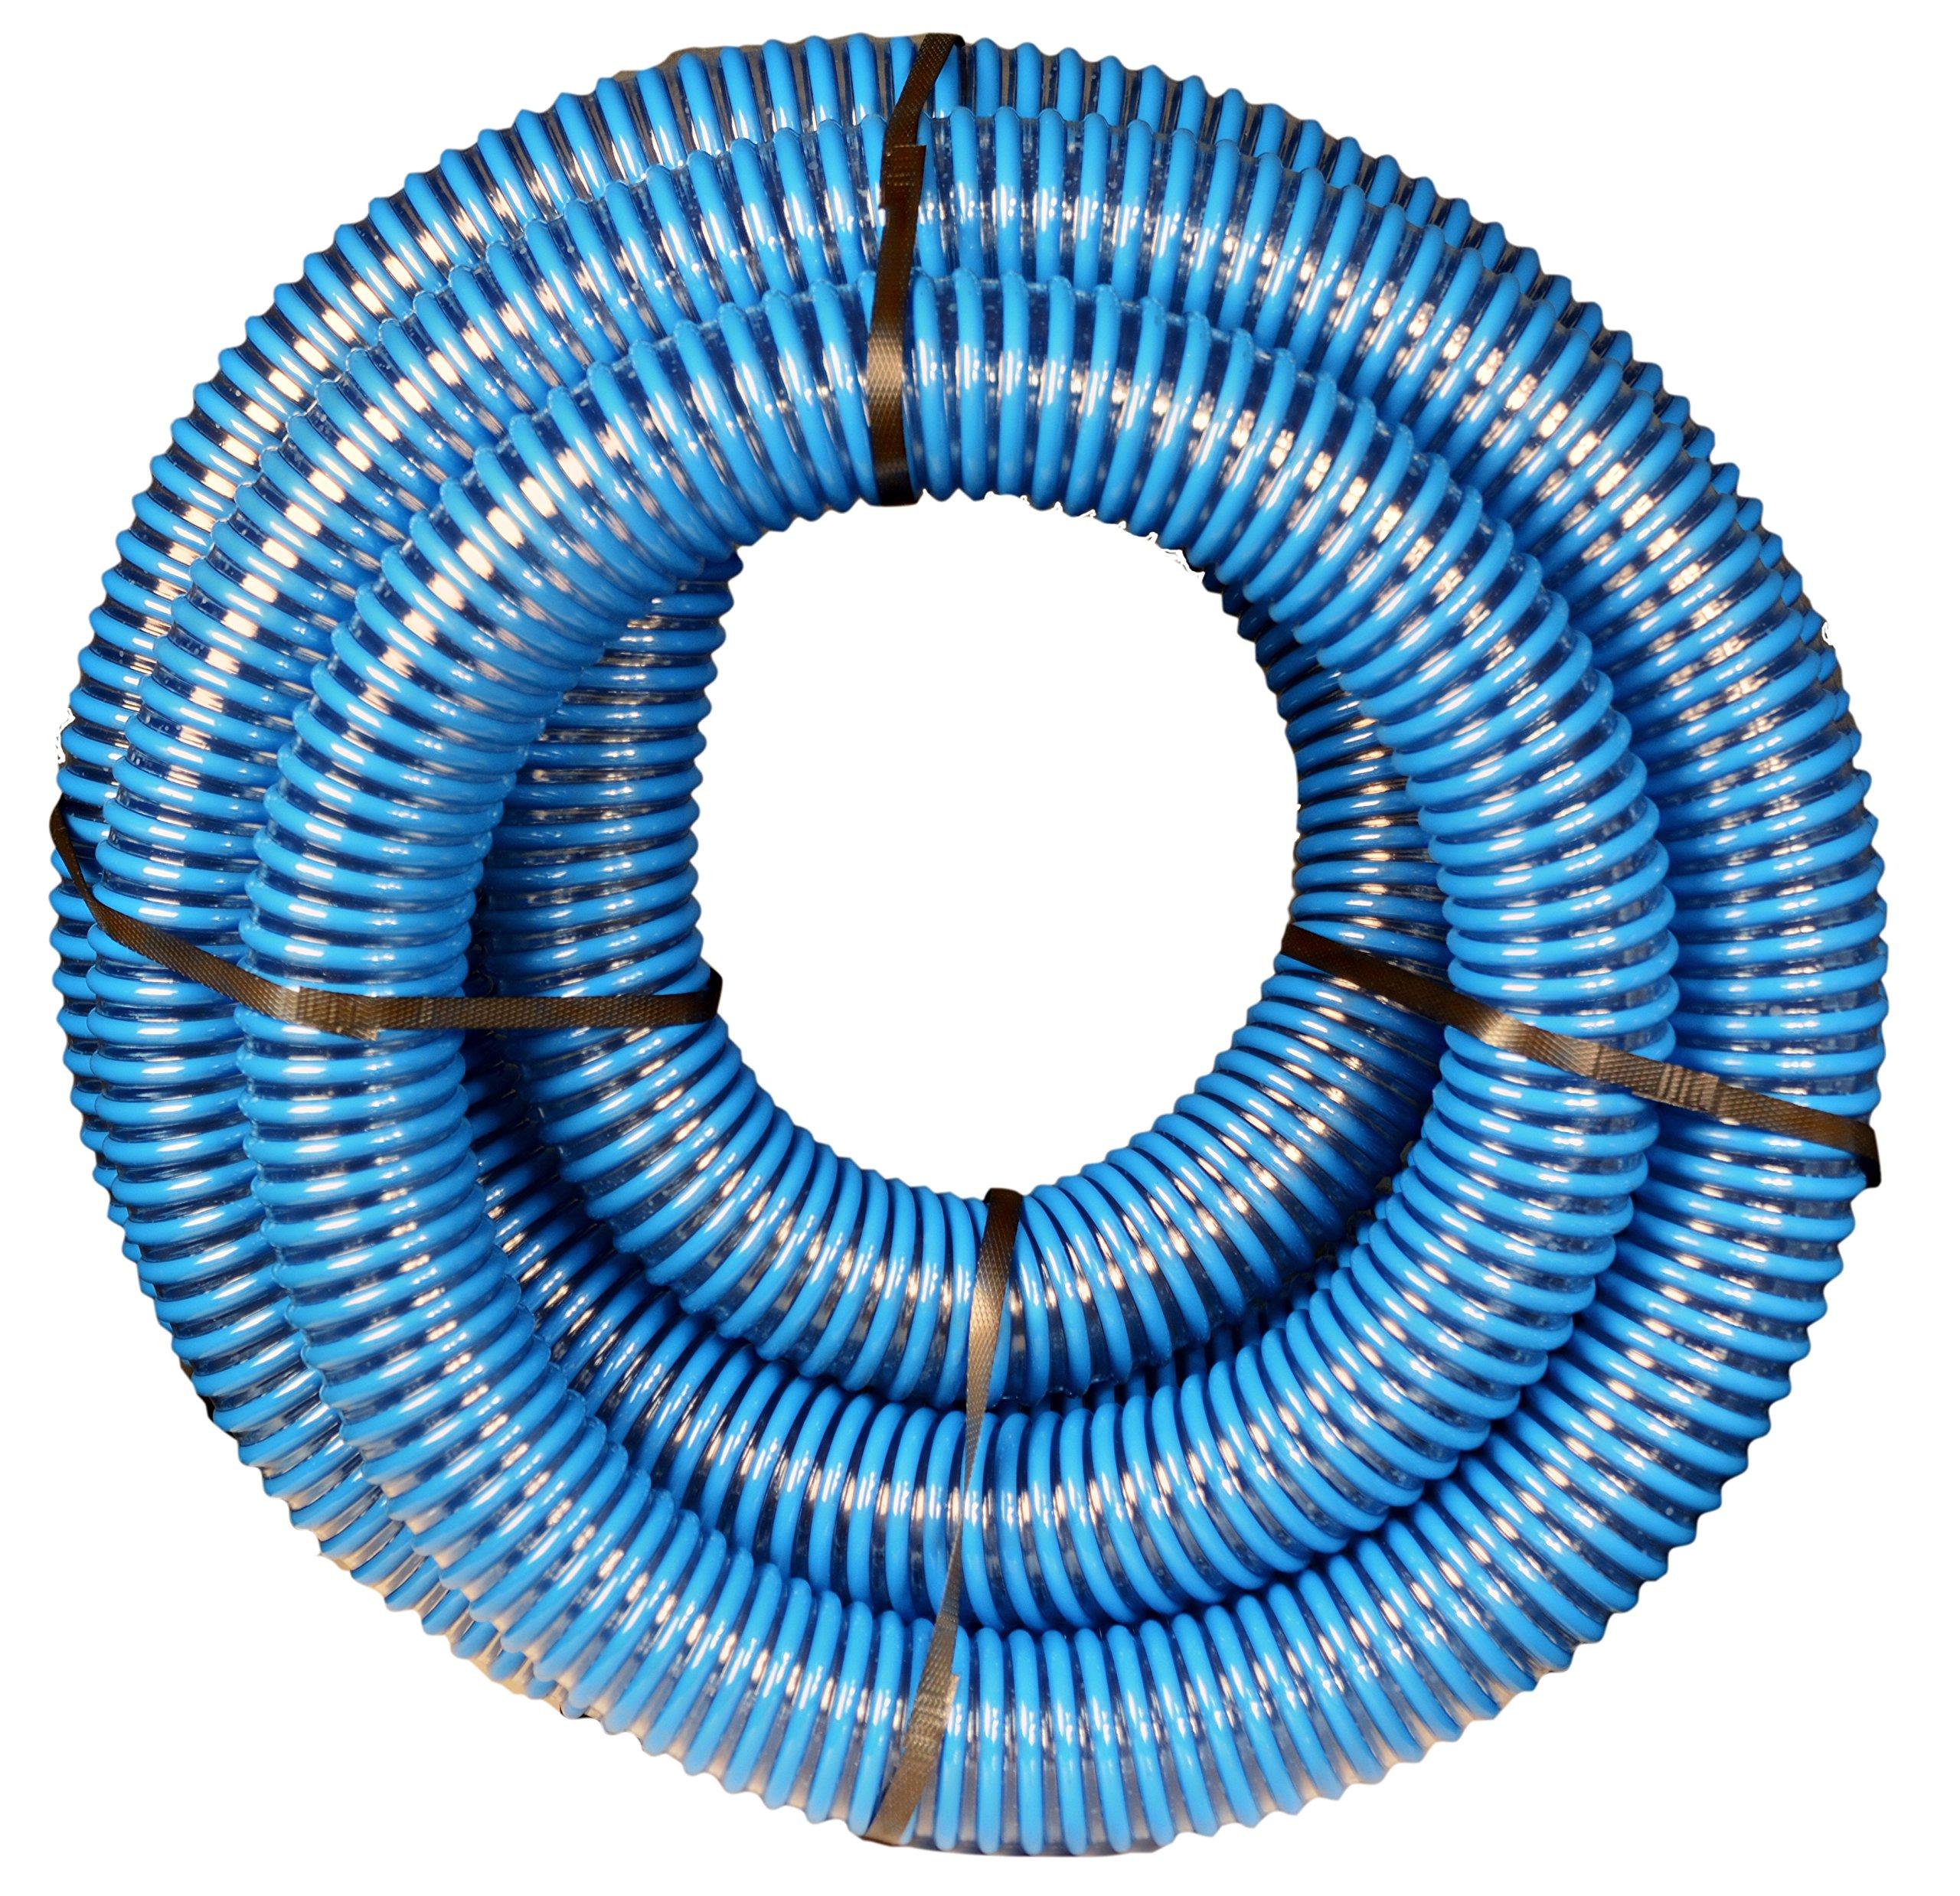 Apache 98106501 PVC Suction Aluminum Short Shank Hose, 40 psi, 2'' Inside Diameter, Blue by Apache